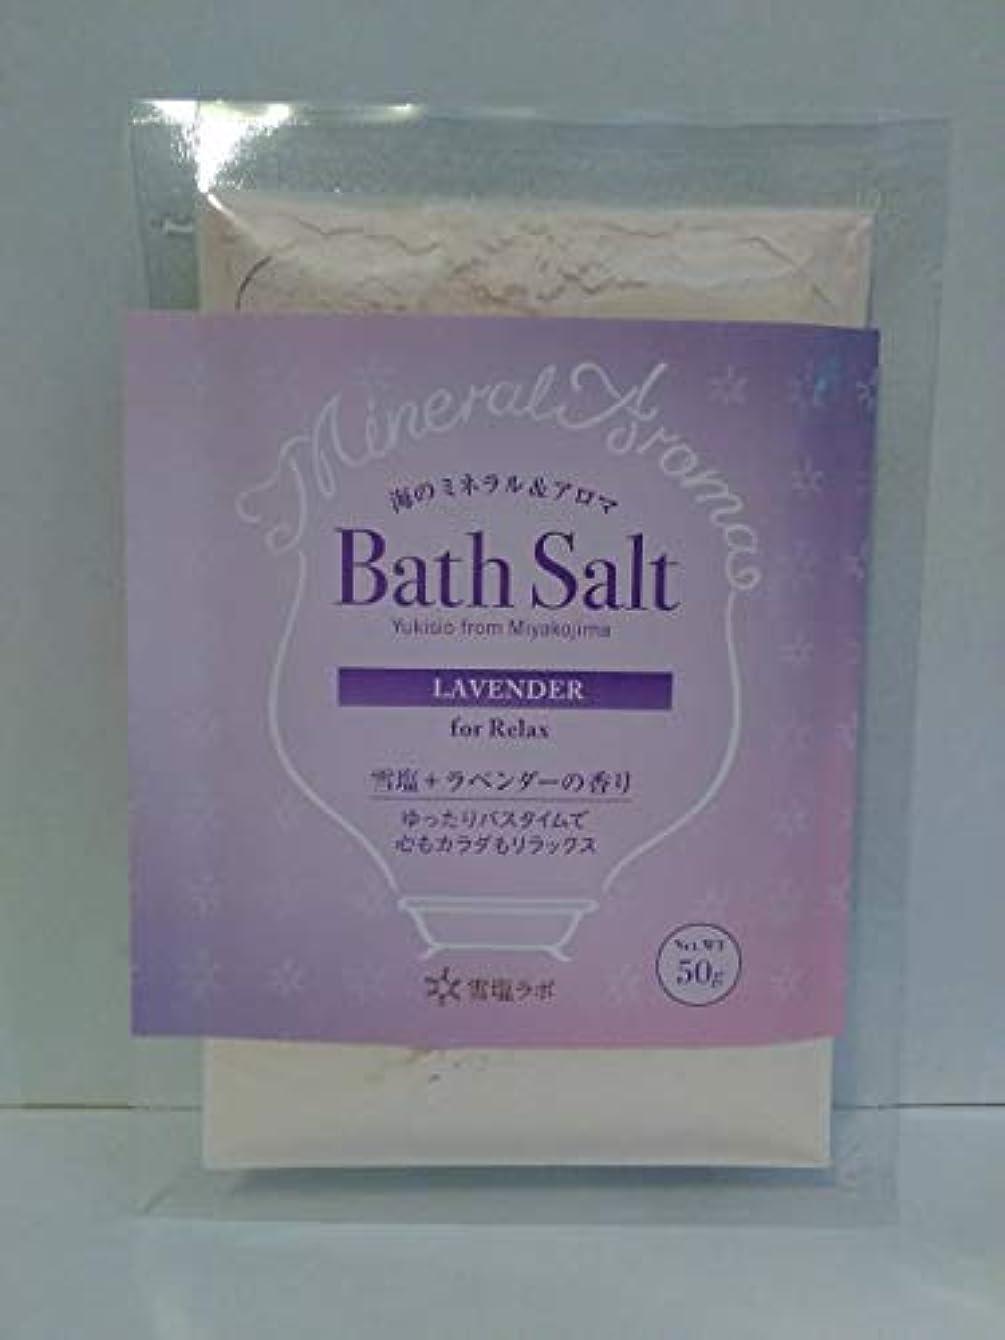 はげ人工的なアンドリューハリディ海のミネラル&アロマ Bath Salt 雪塩+ラベンダーの香り